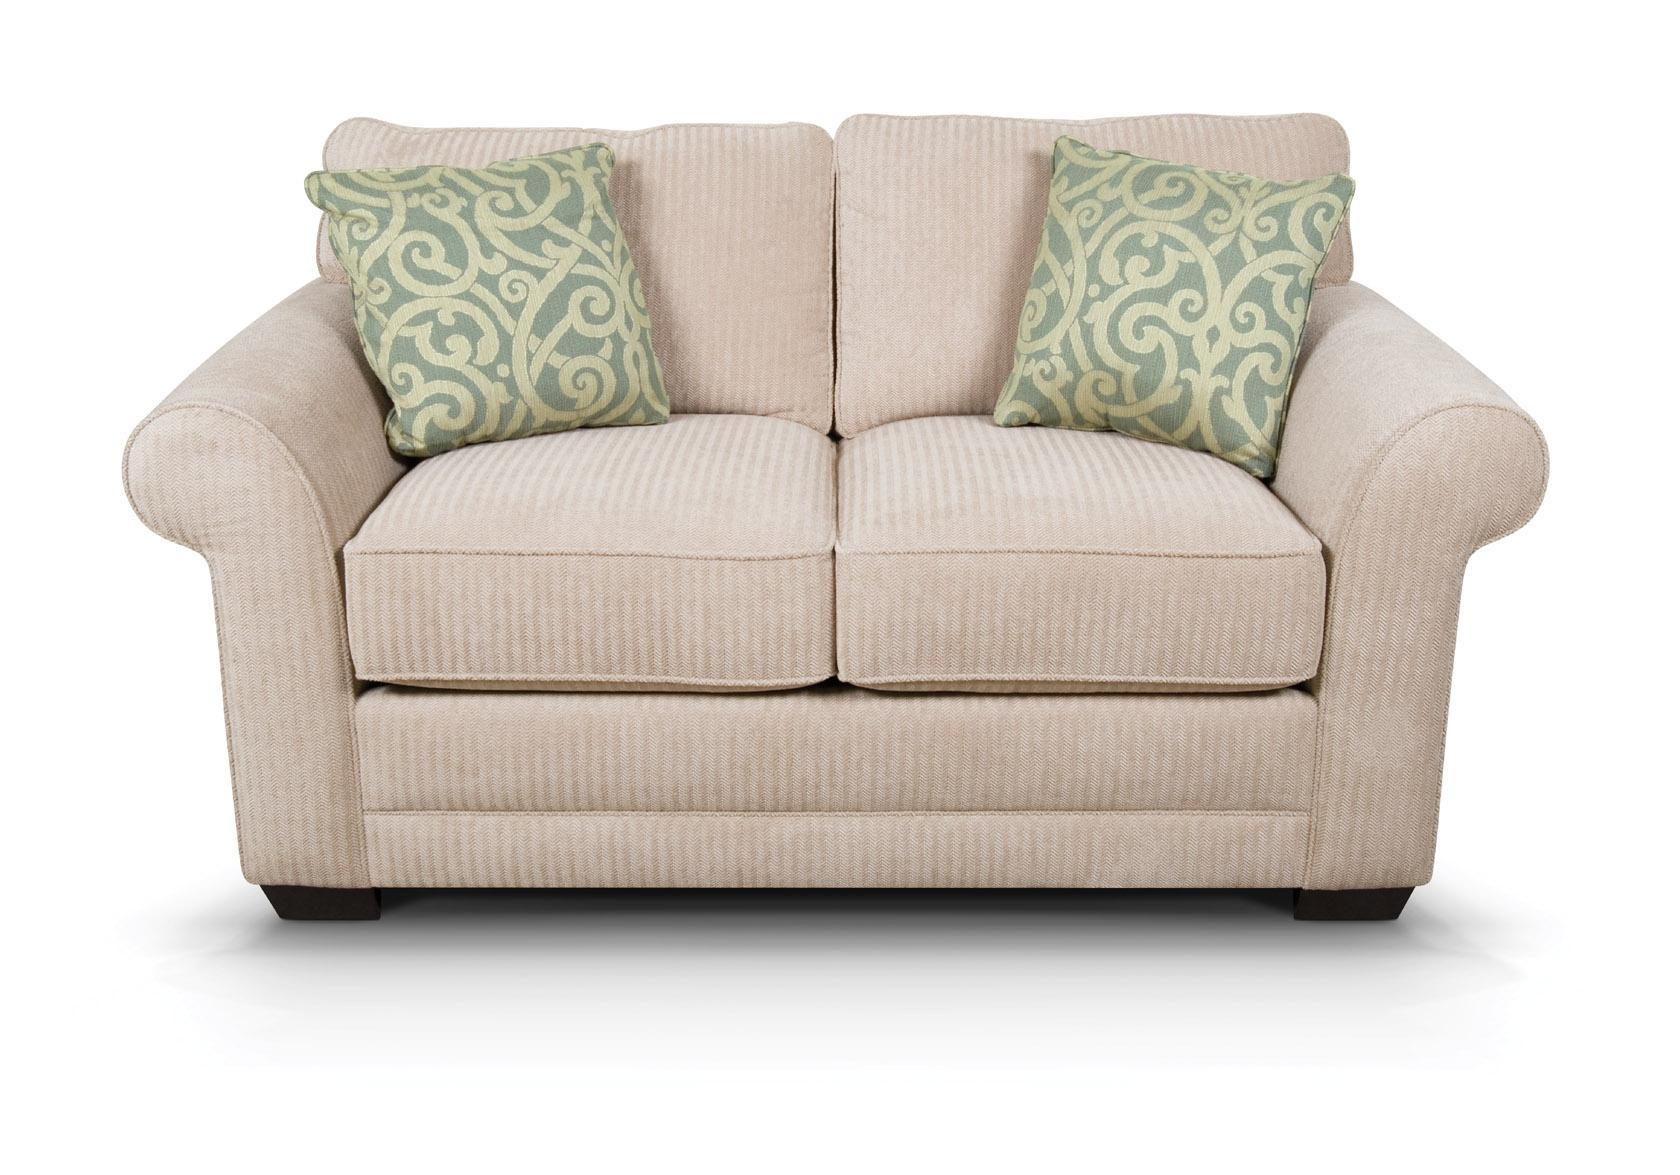 england brantley upholstered love seat h l stephens love seats. Black Bedroom Furniture Sets. Home Design Ideas